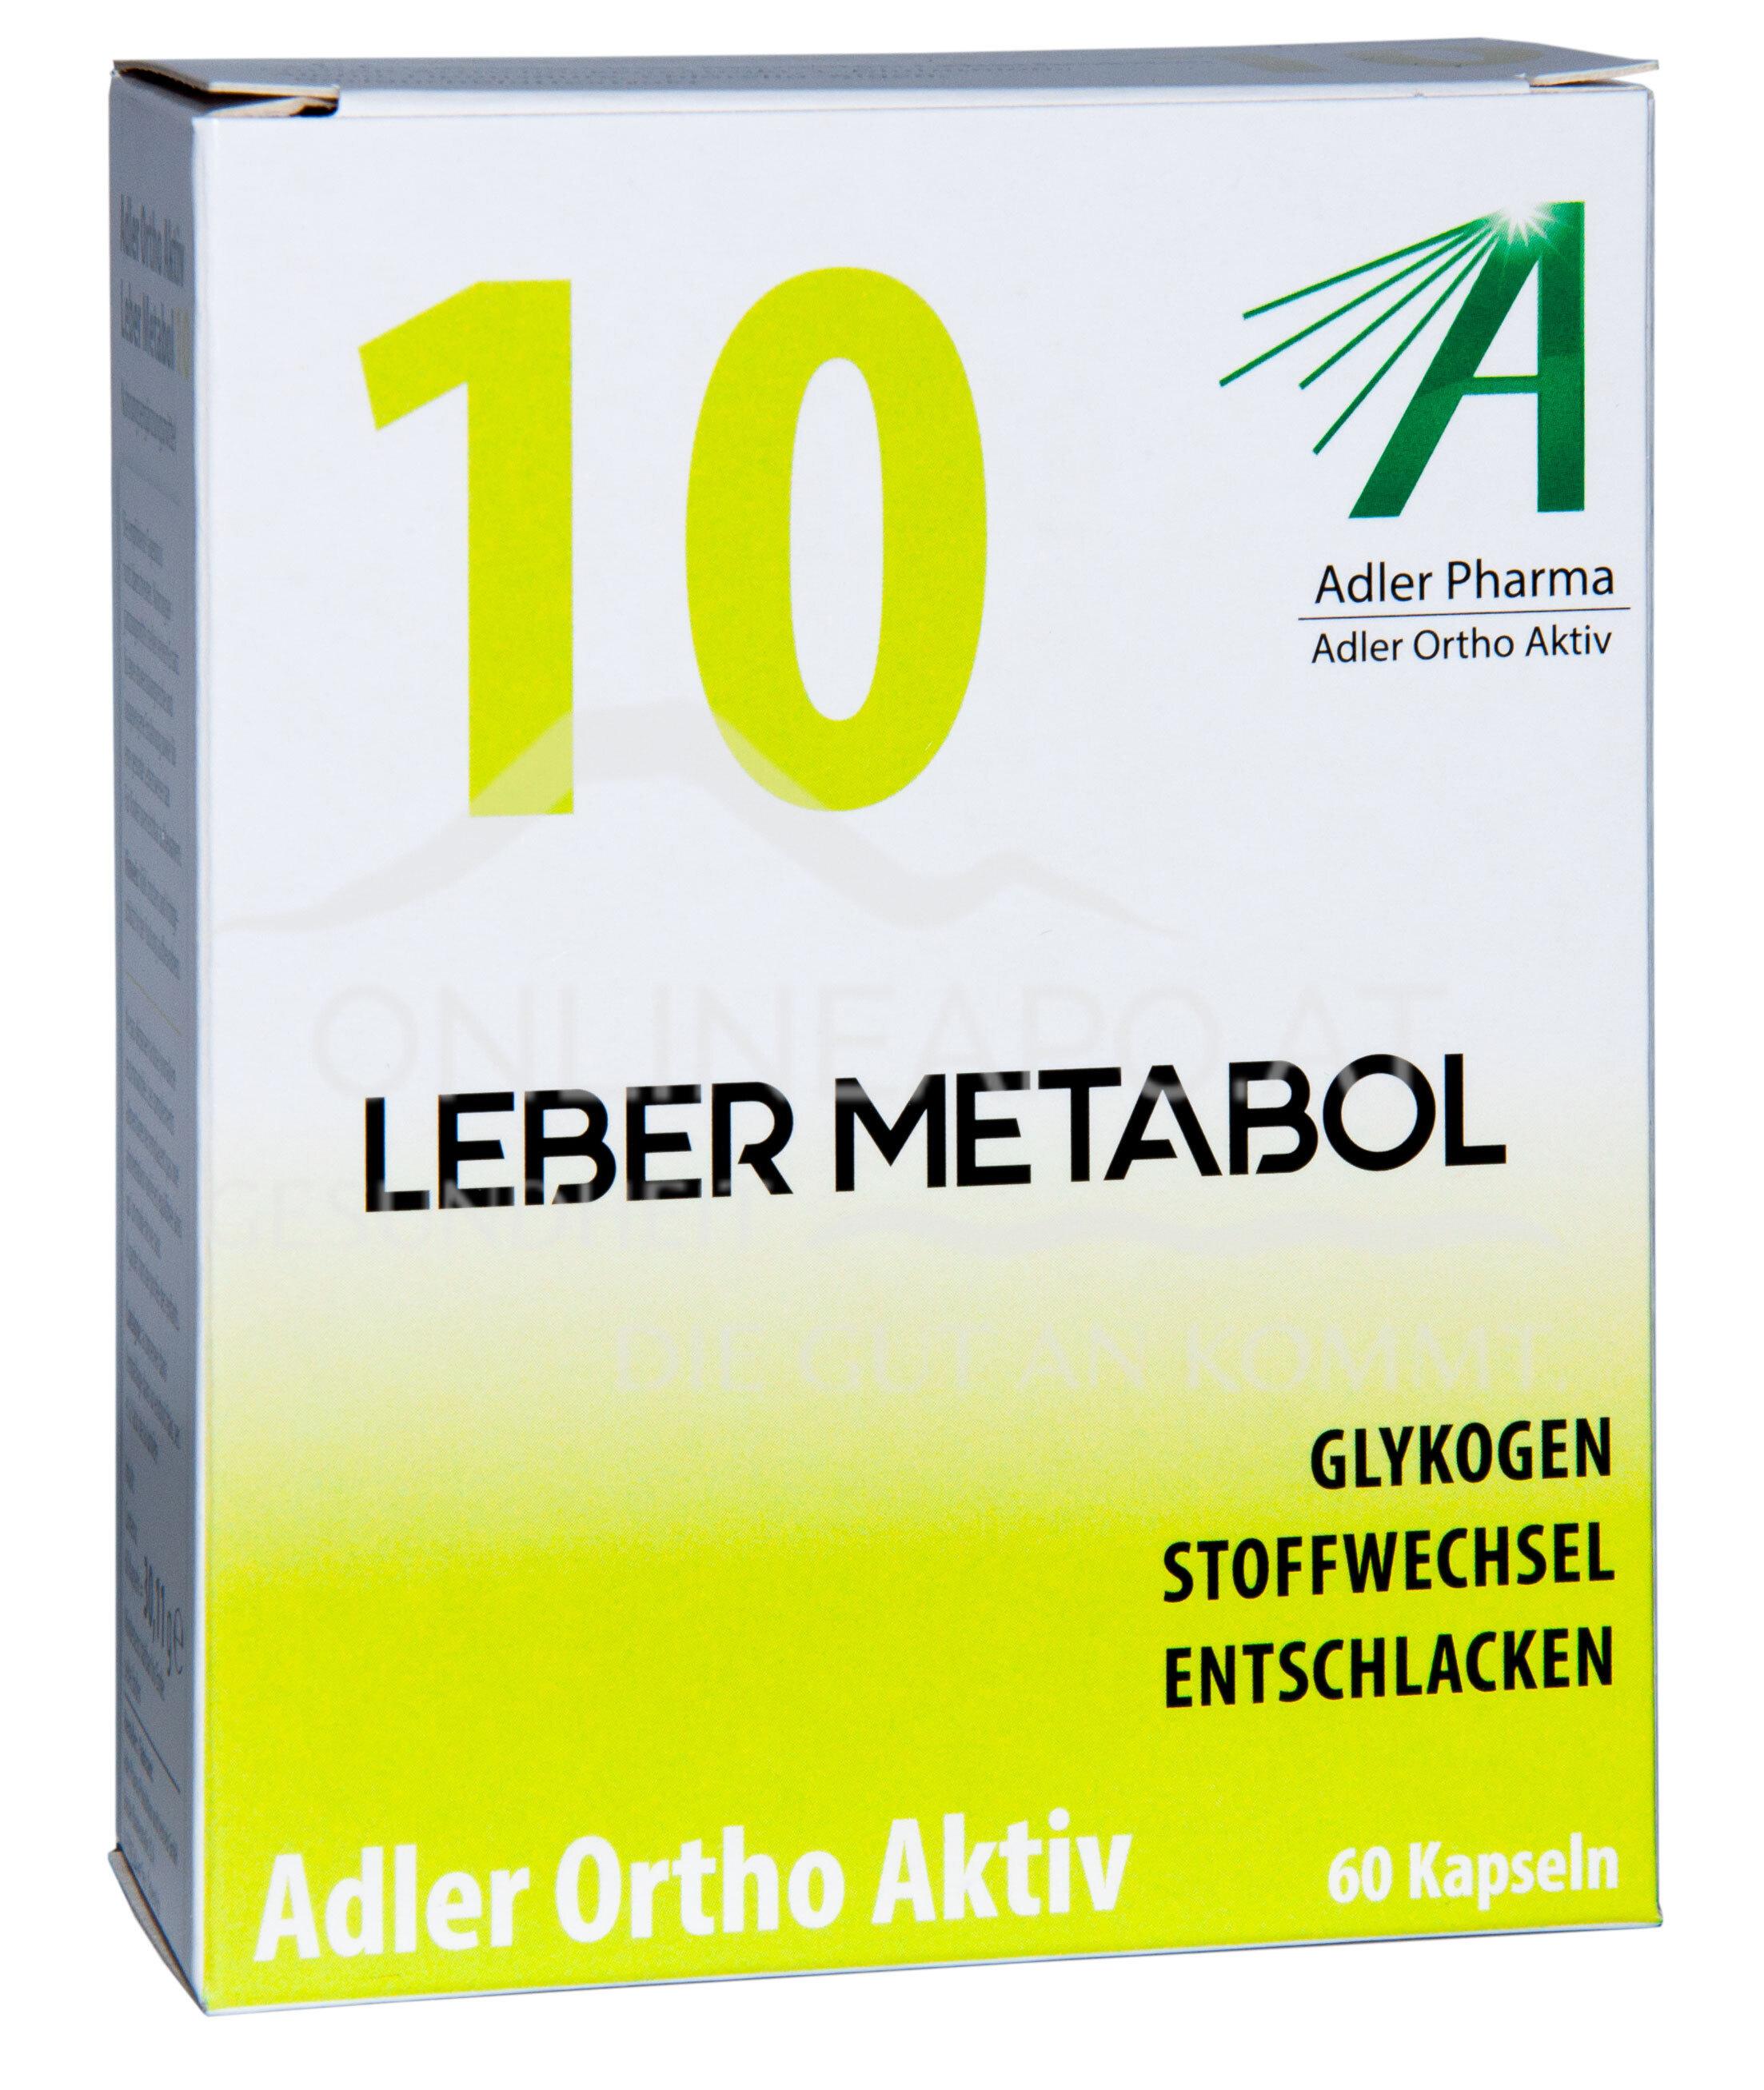 Adler Ortho Aktiv Nr. 10 Leber Metabol